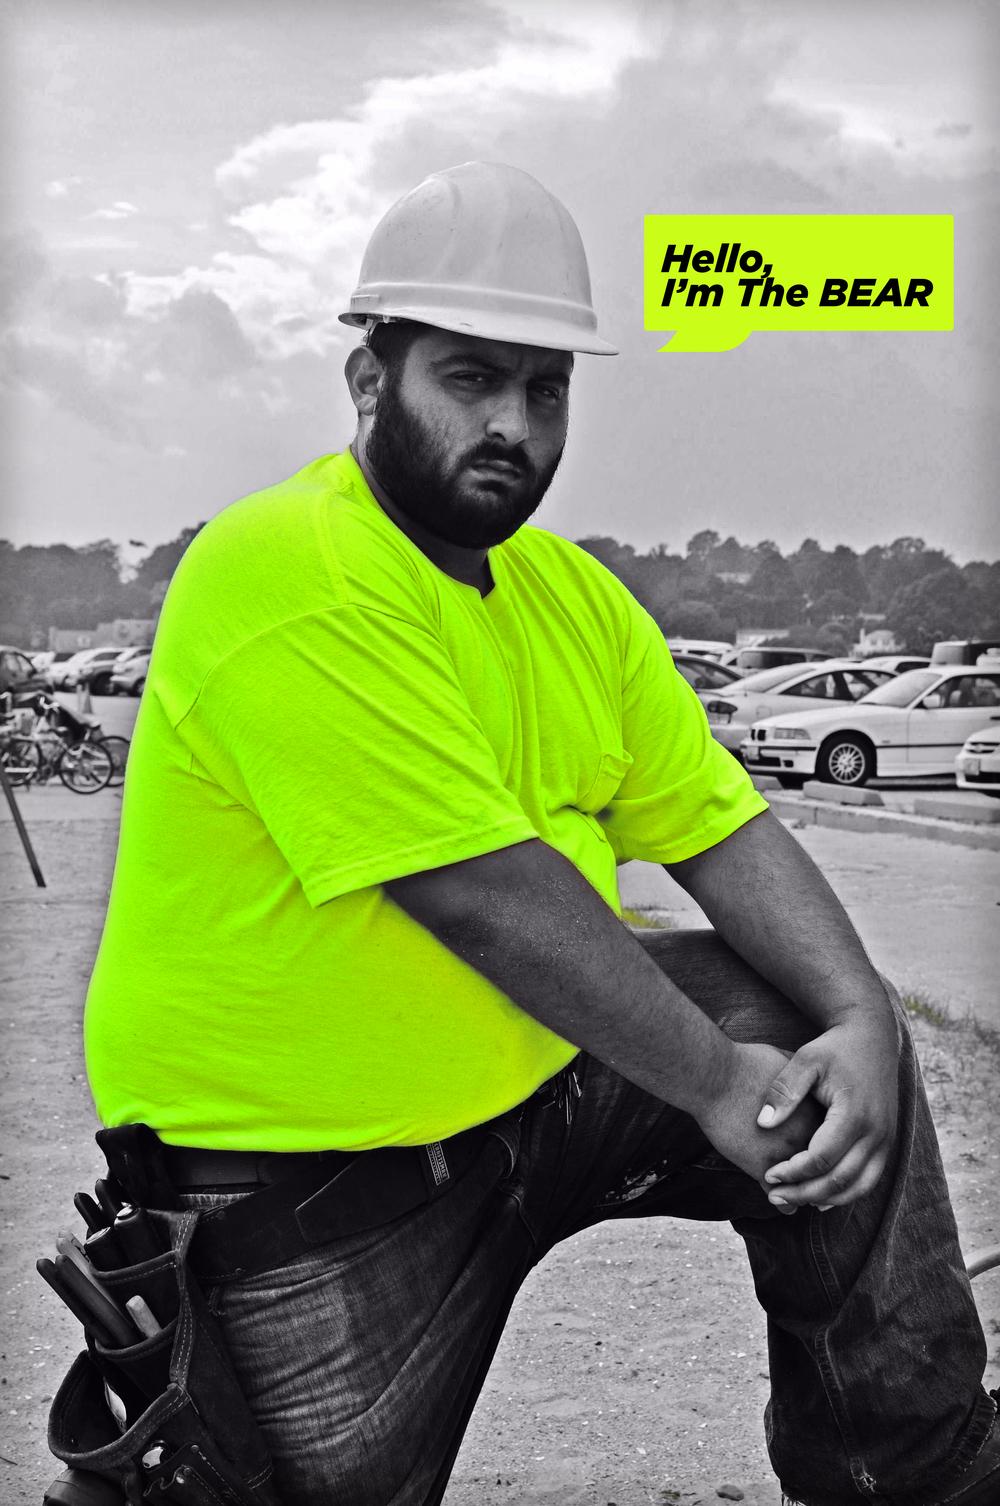 Hello, I'm The BEAR